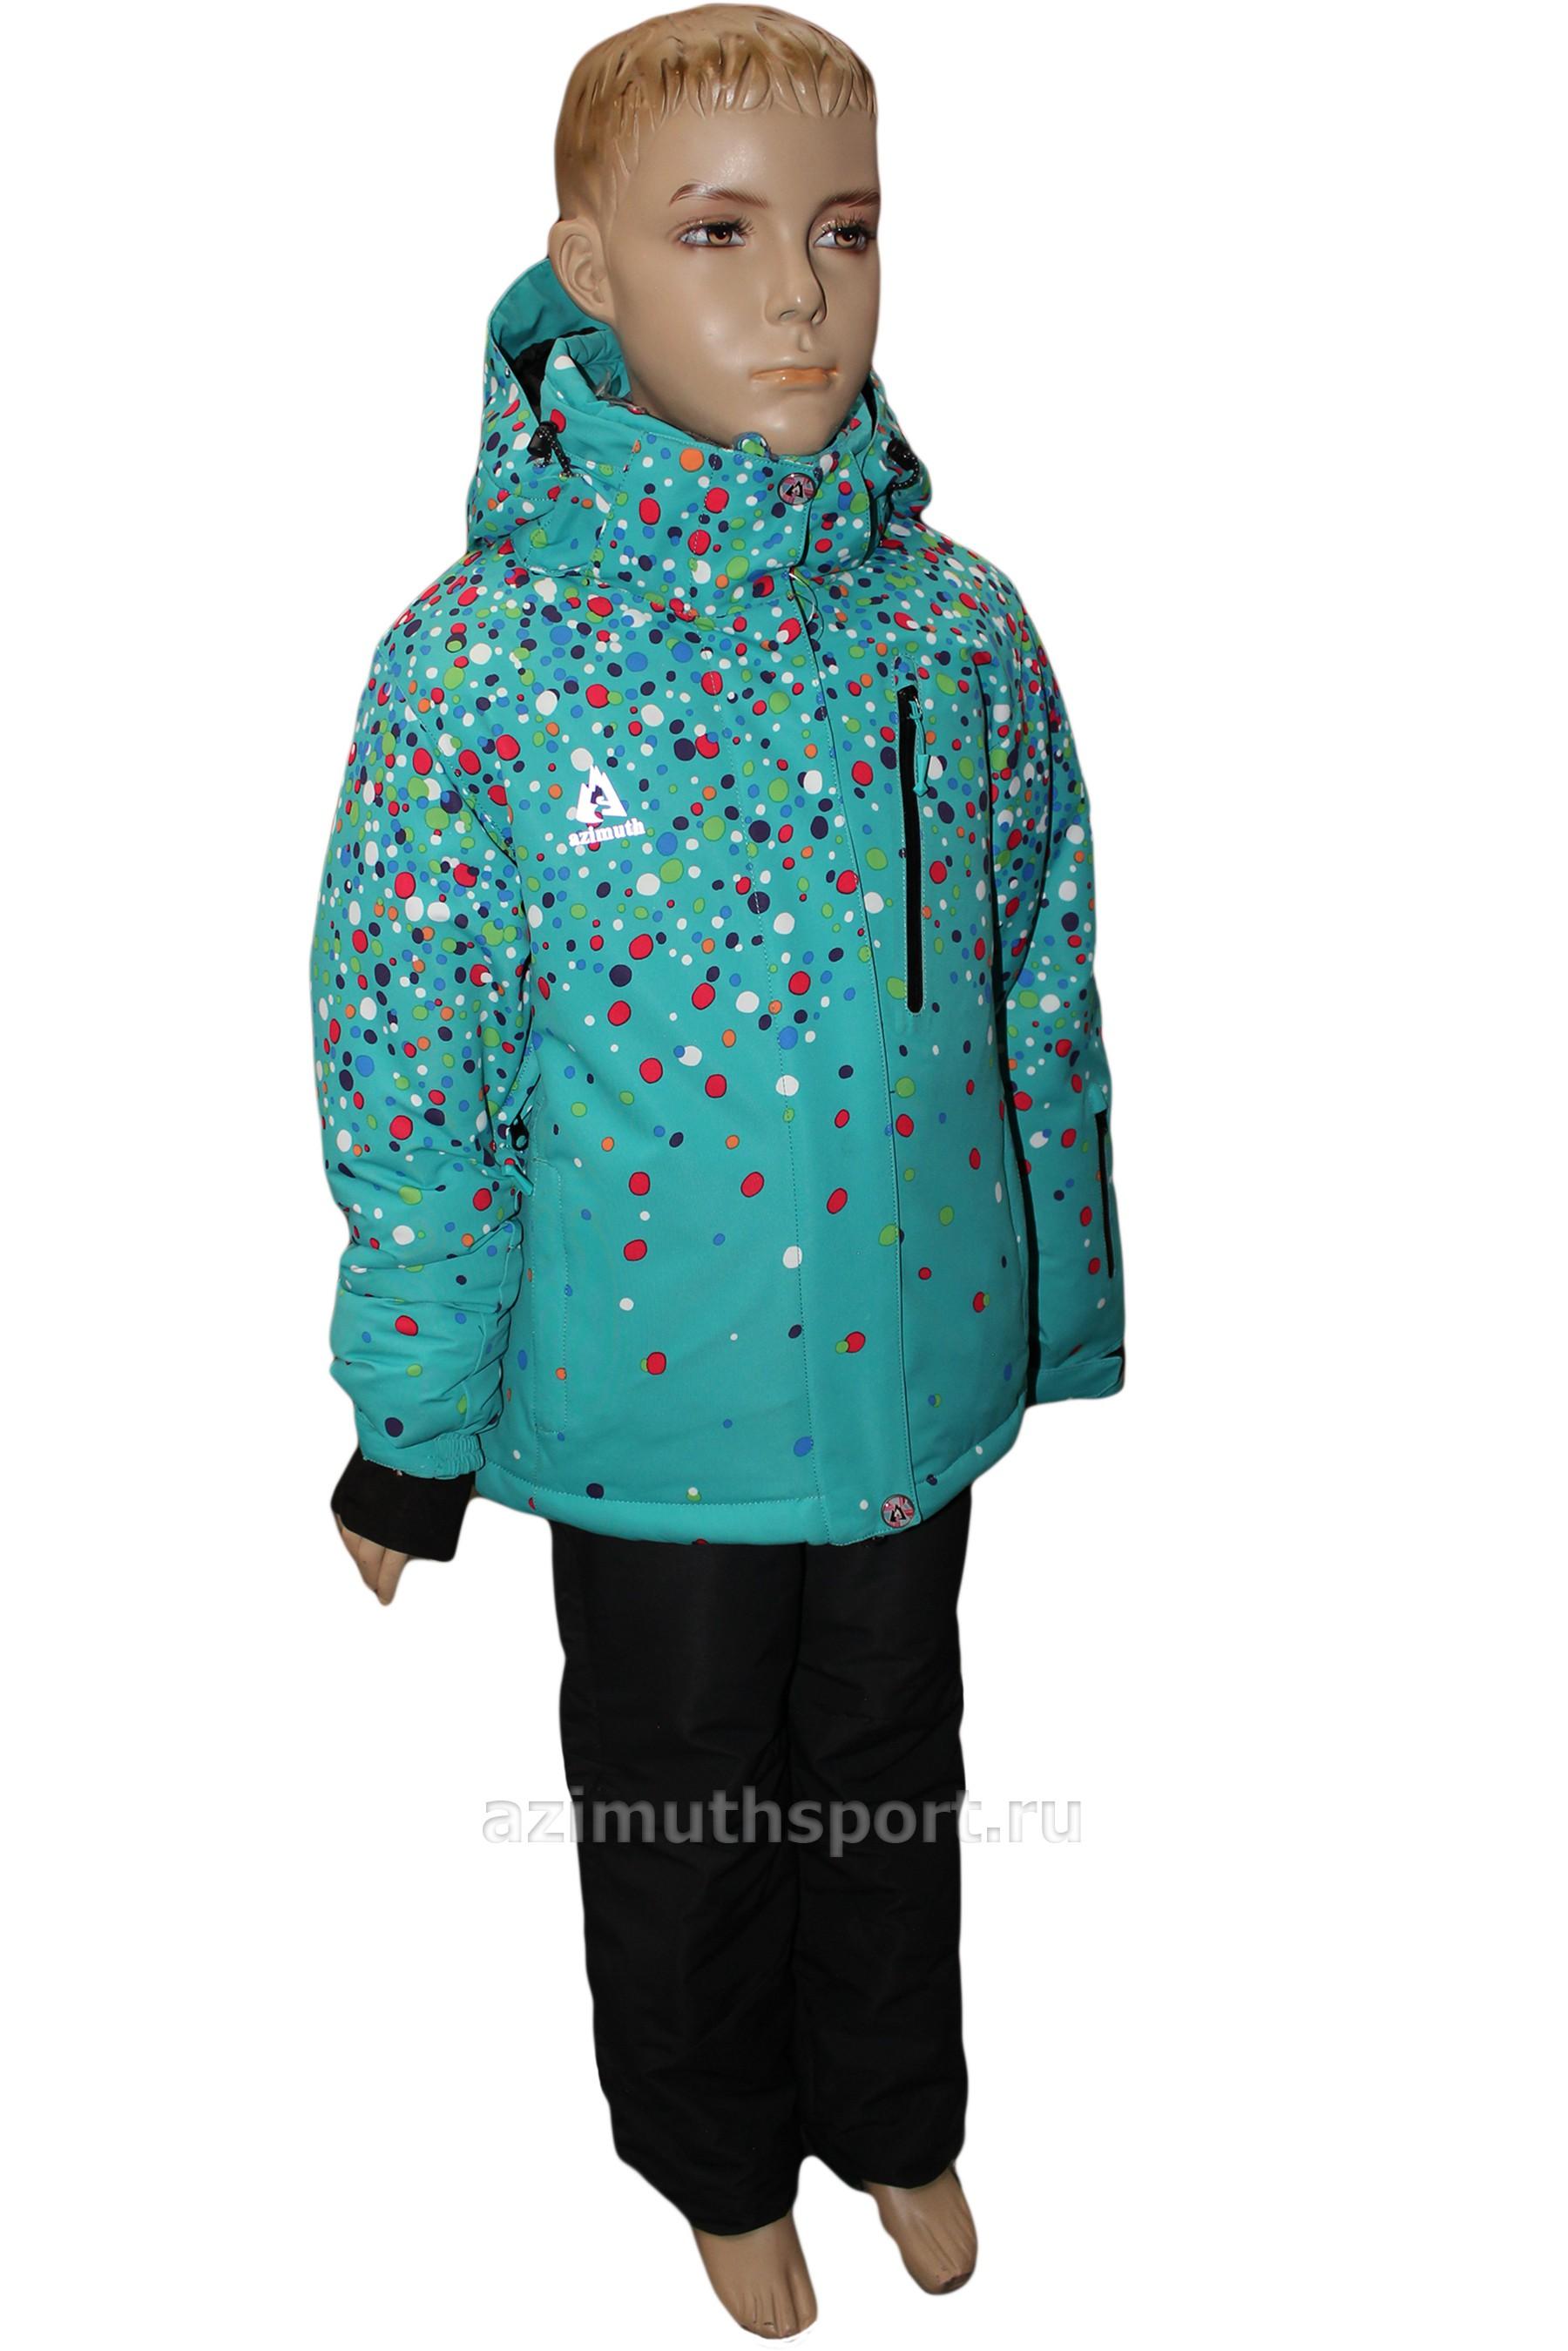 Зимние костюмы для подростков Azimuth и High Experience до 16 лет. Качество!Без рядов. СТОП 29 сентября